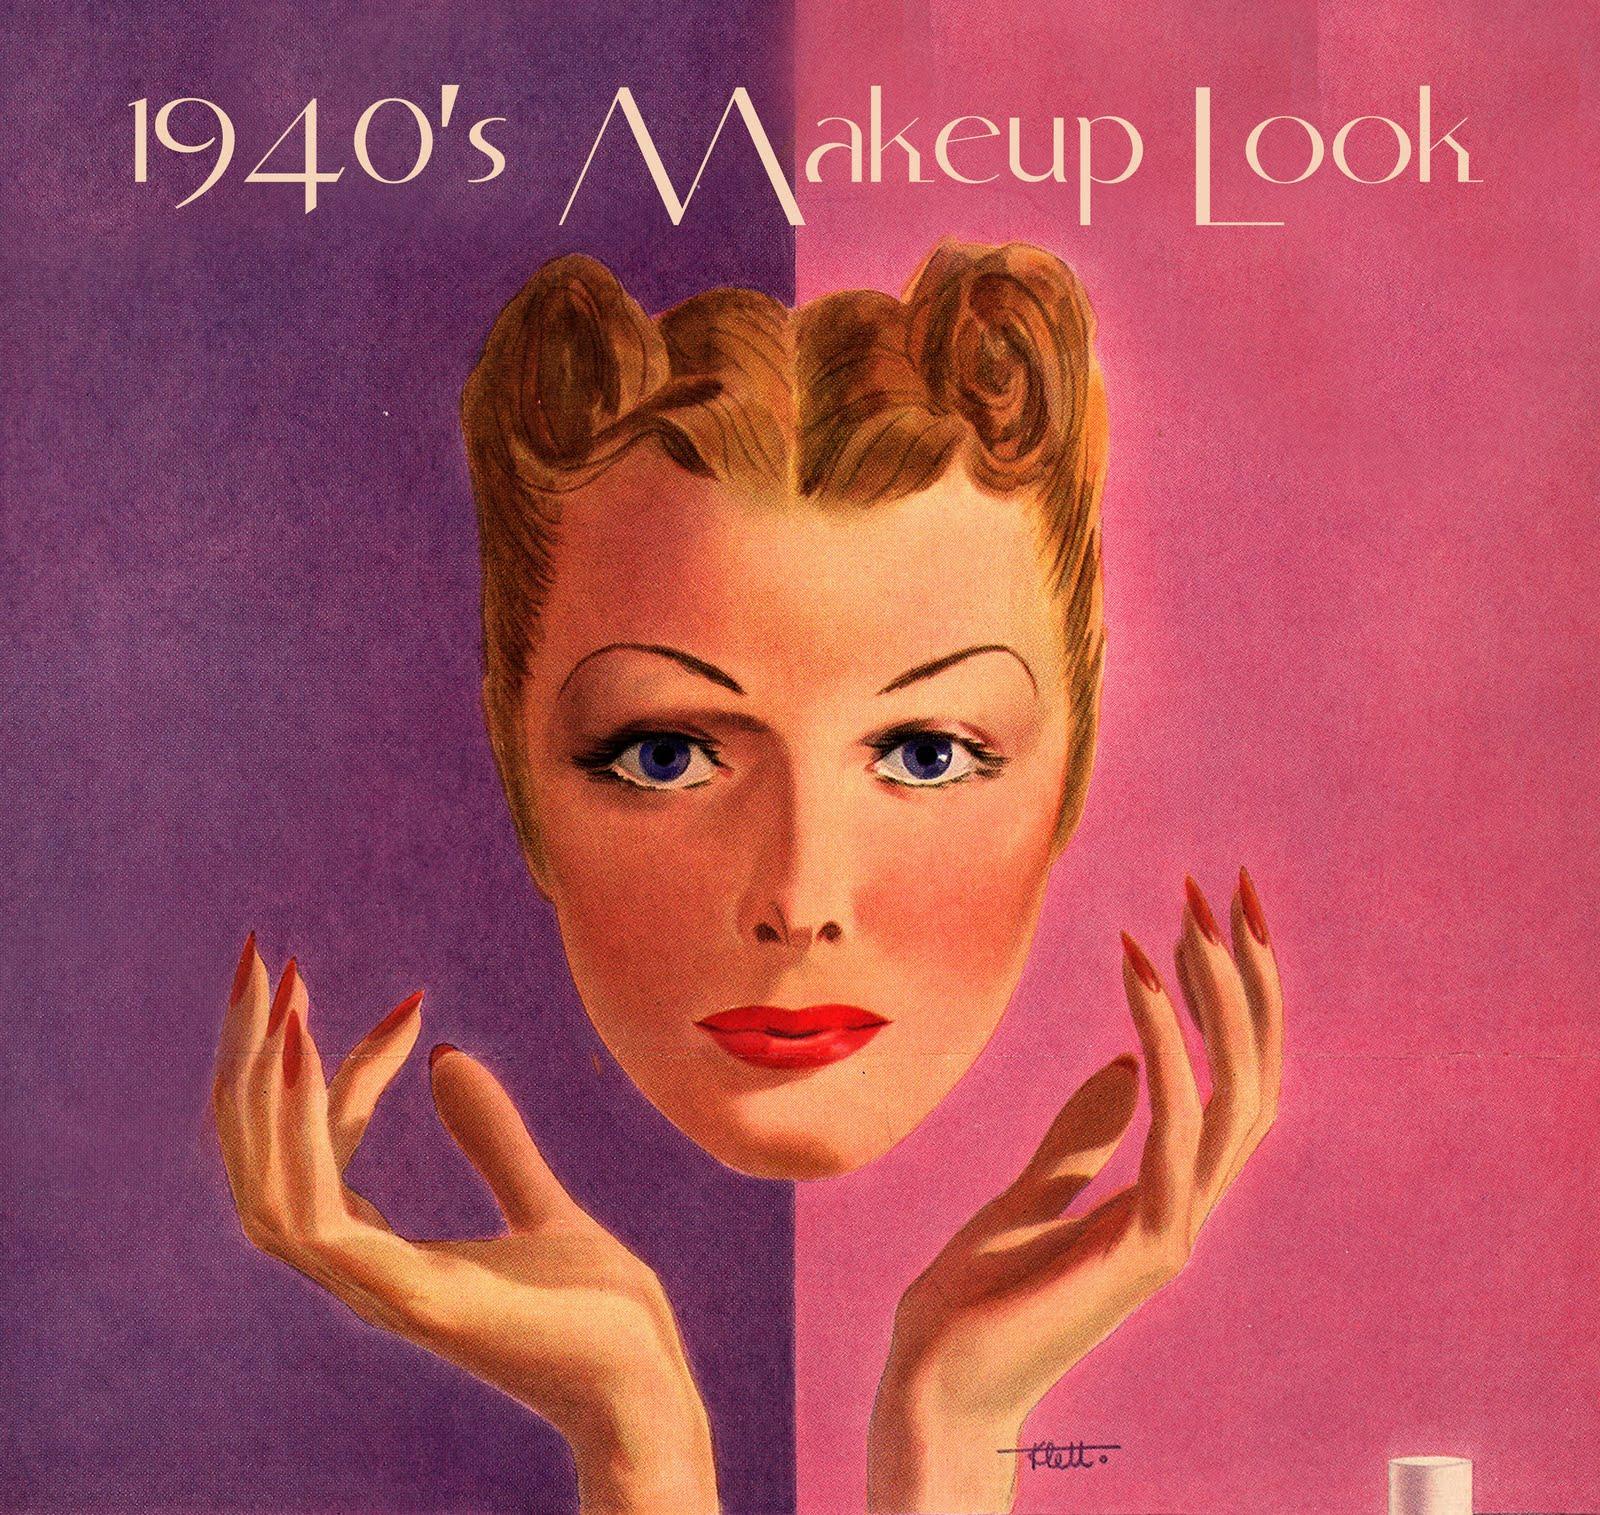 1940s makeup